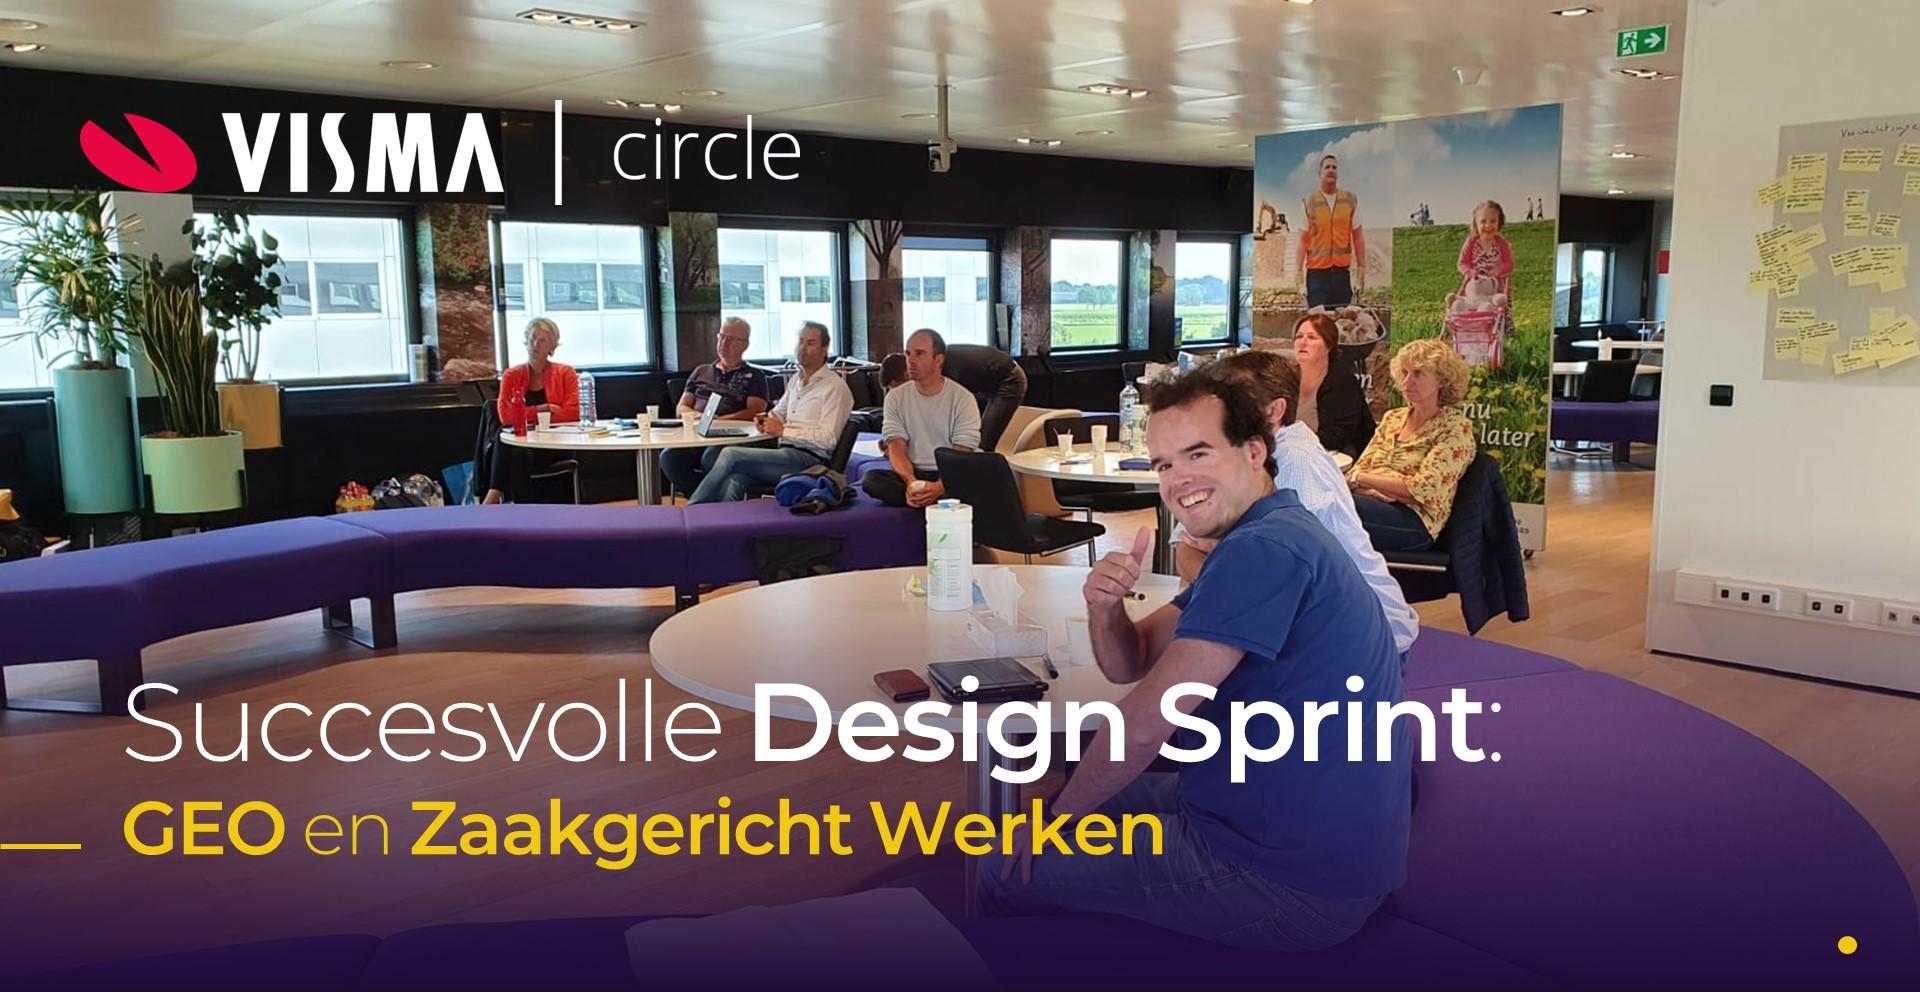 Design Sprint: Geo en zaakgericht werken, succesvol afgerond!